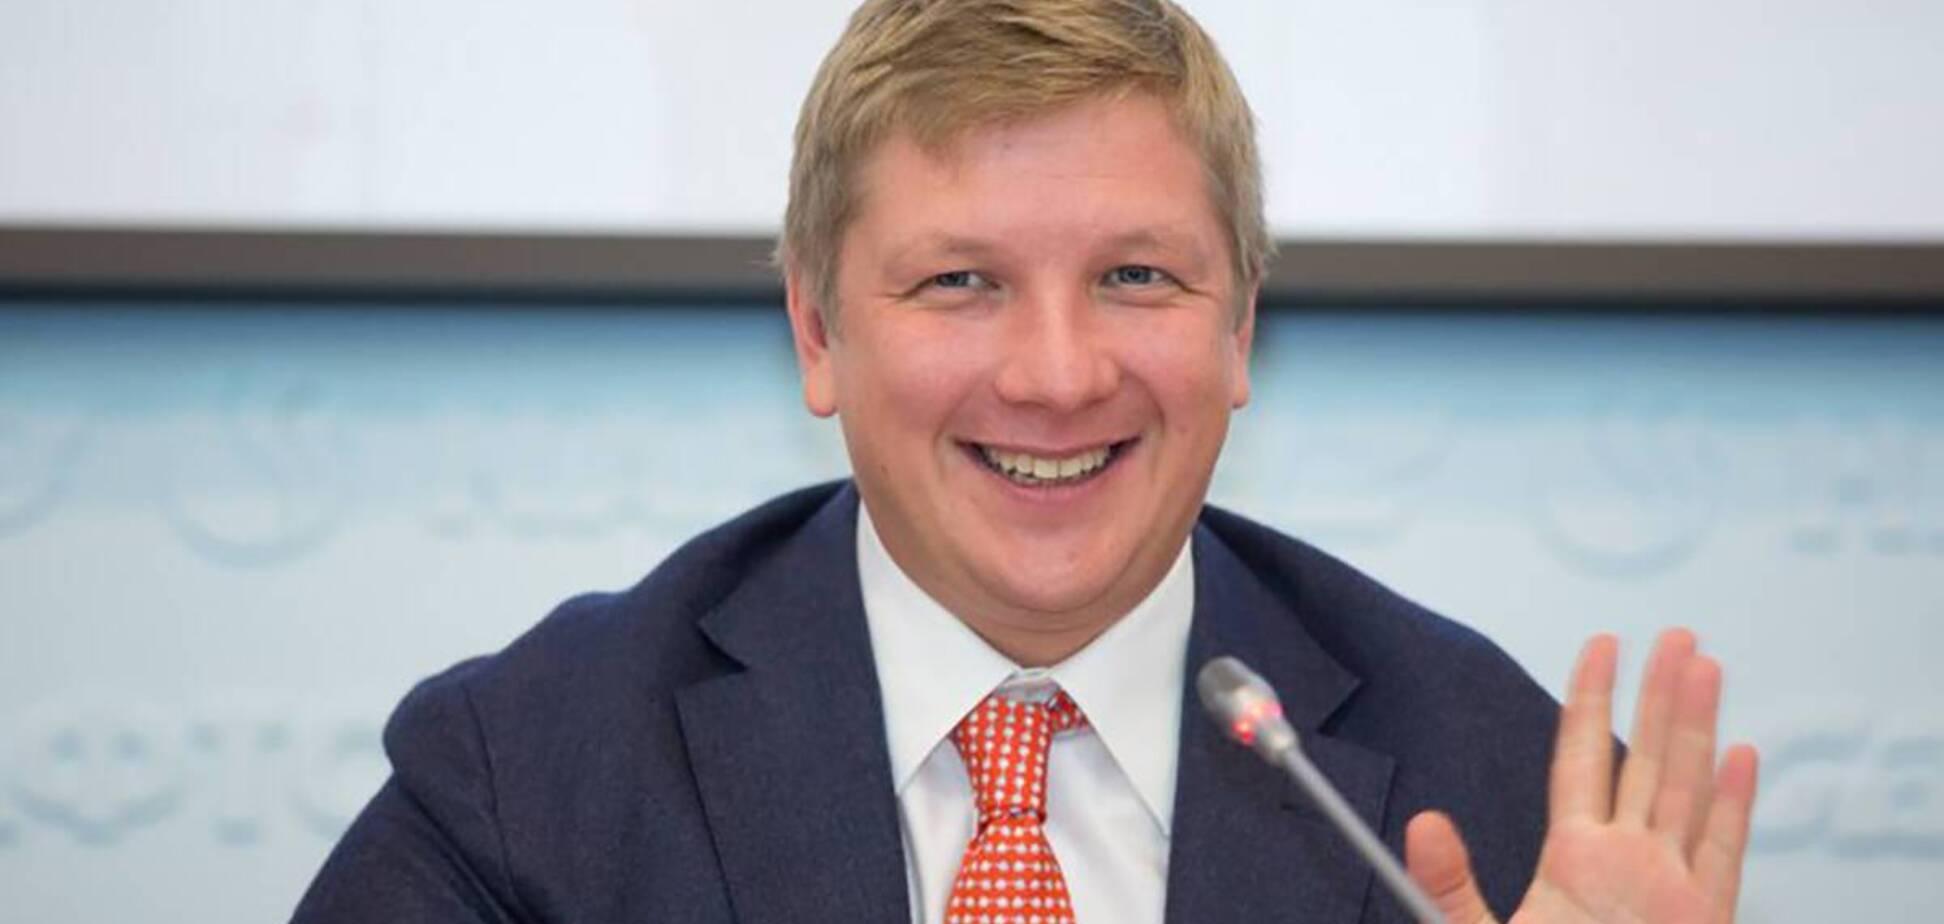 Андрій Коболєв отримав 21,2 млн грн премії. Джерело: ''Апостроф''